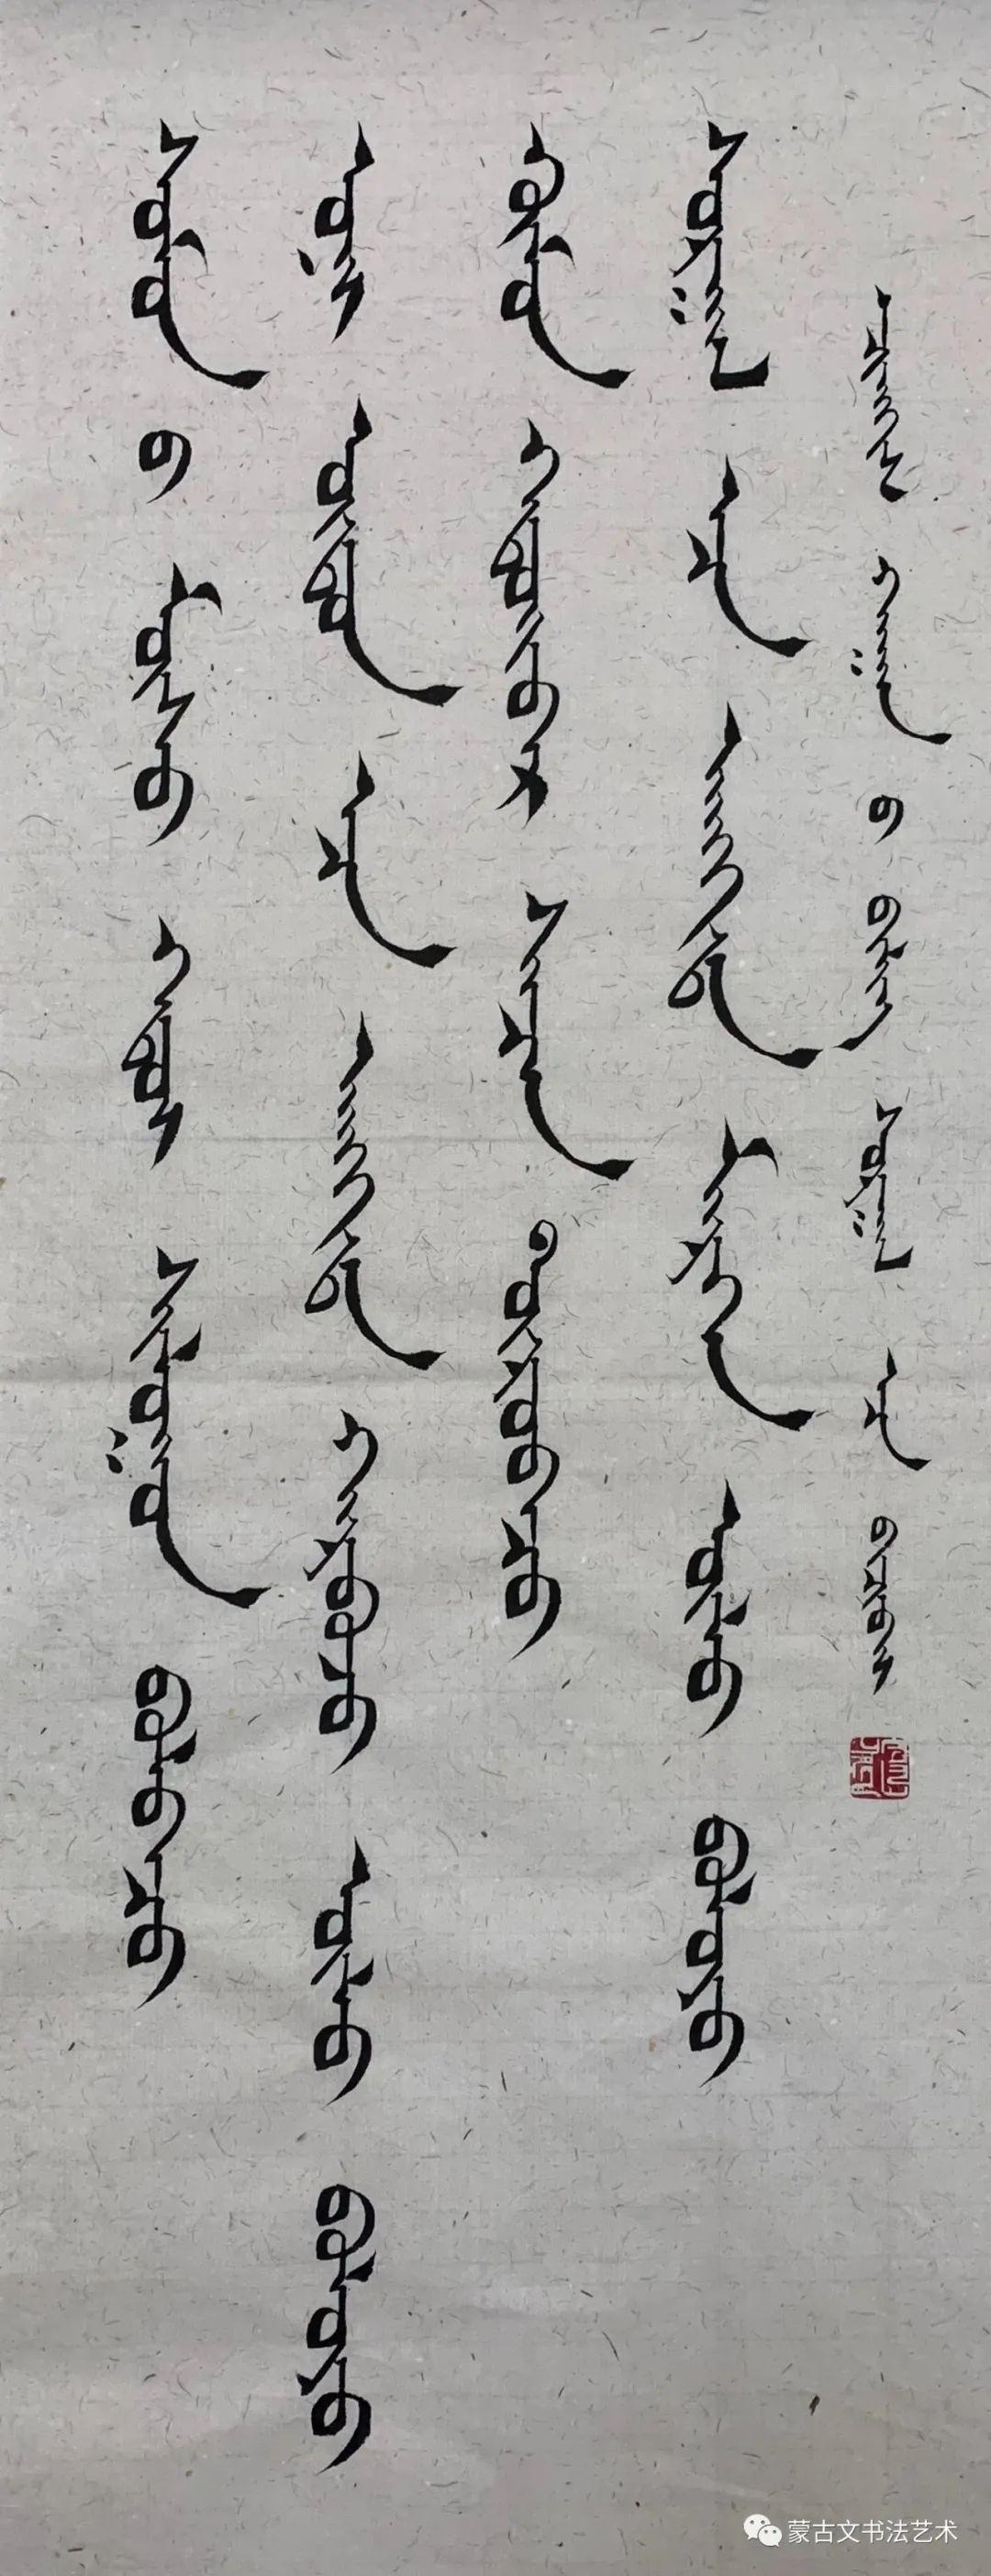 赛音吉雅楷书作品欣赏 第9张 赛音吉雅楷书作品欣赏 蒙古书法